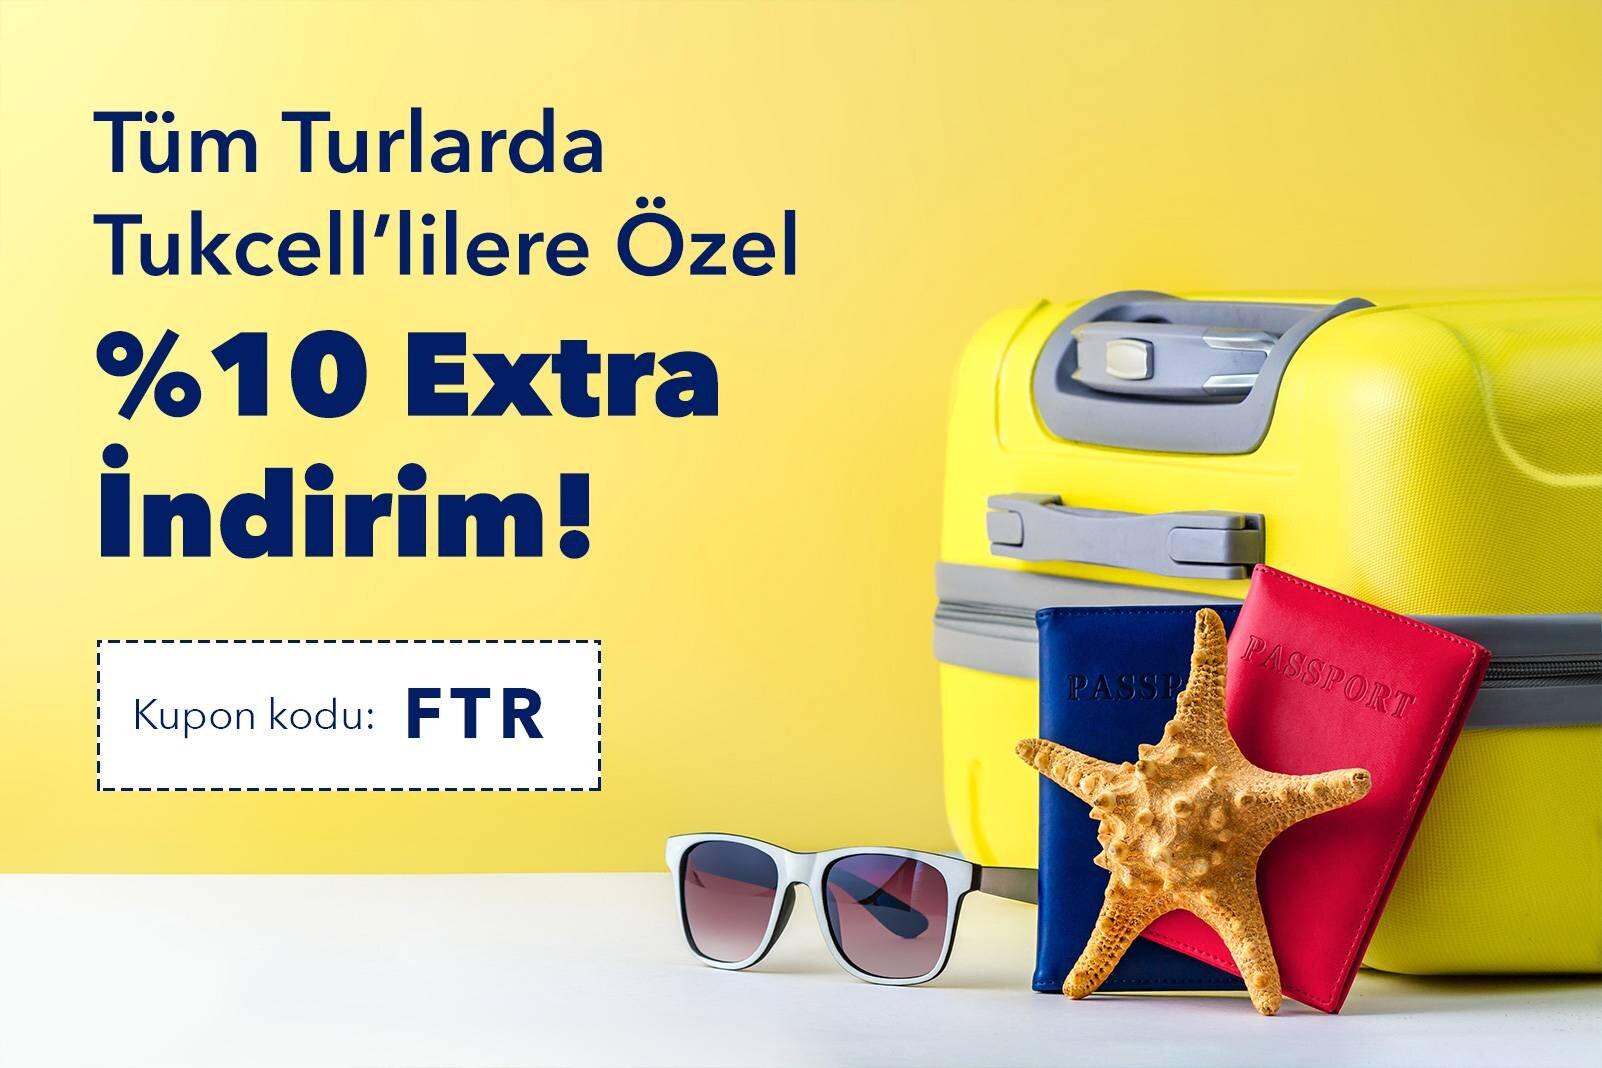 Turkcell'lilere Özel Tüm Turlarda Ekstra İndirim